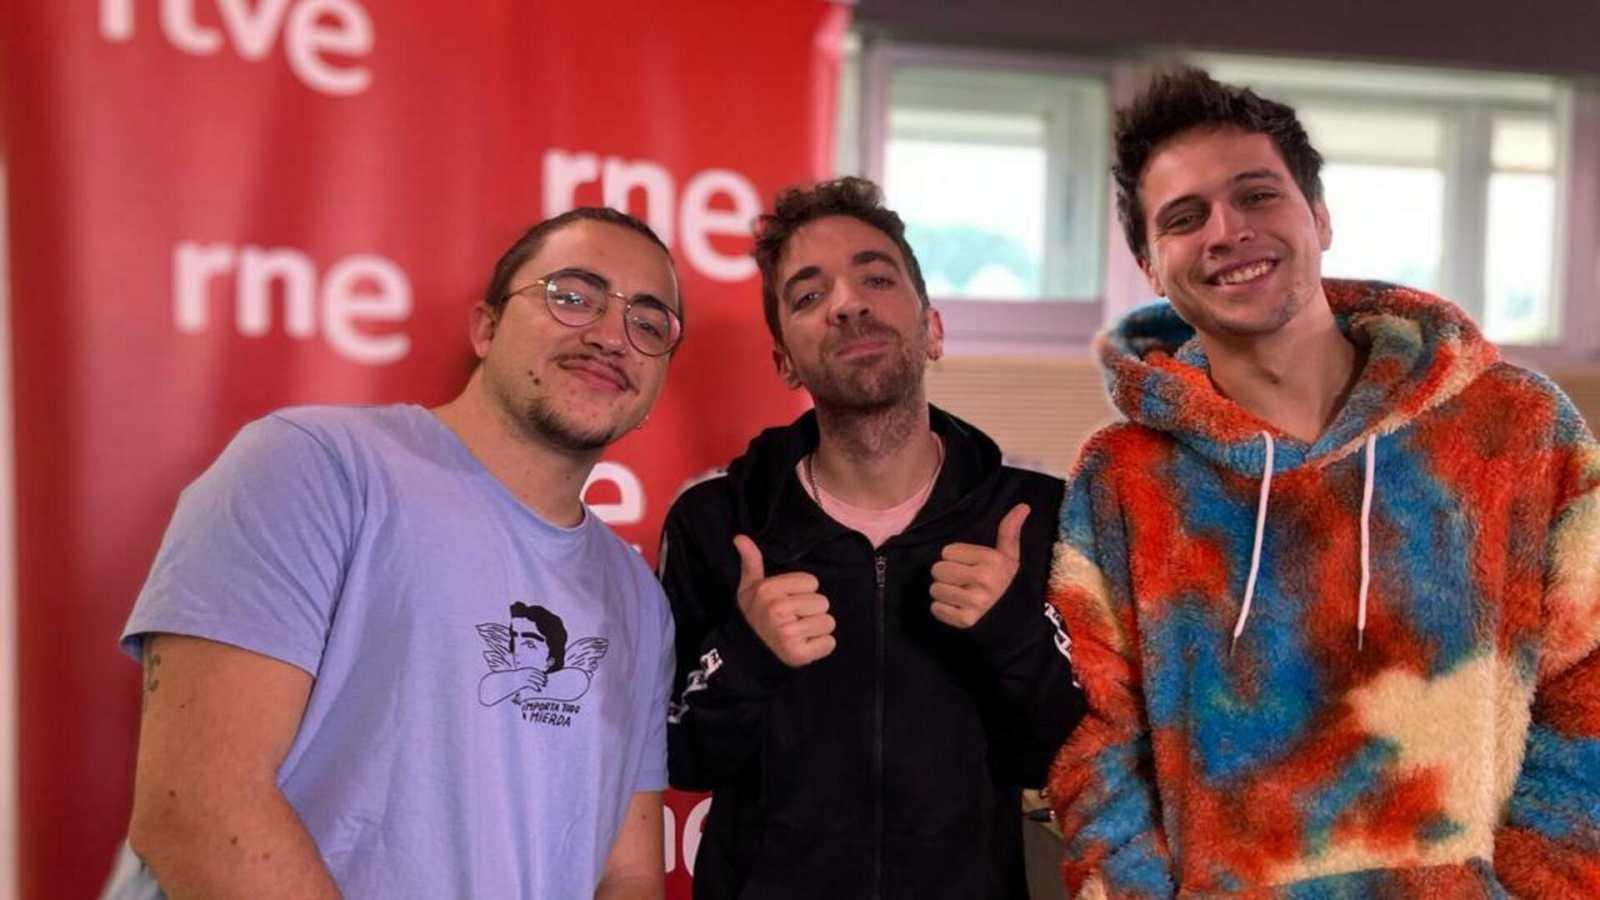 Las Mañanas de Radio Nacional con Pepa Fernández - El fenómeno musical del año - Escuchar ahora